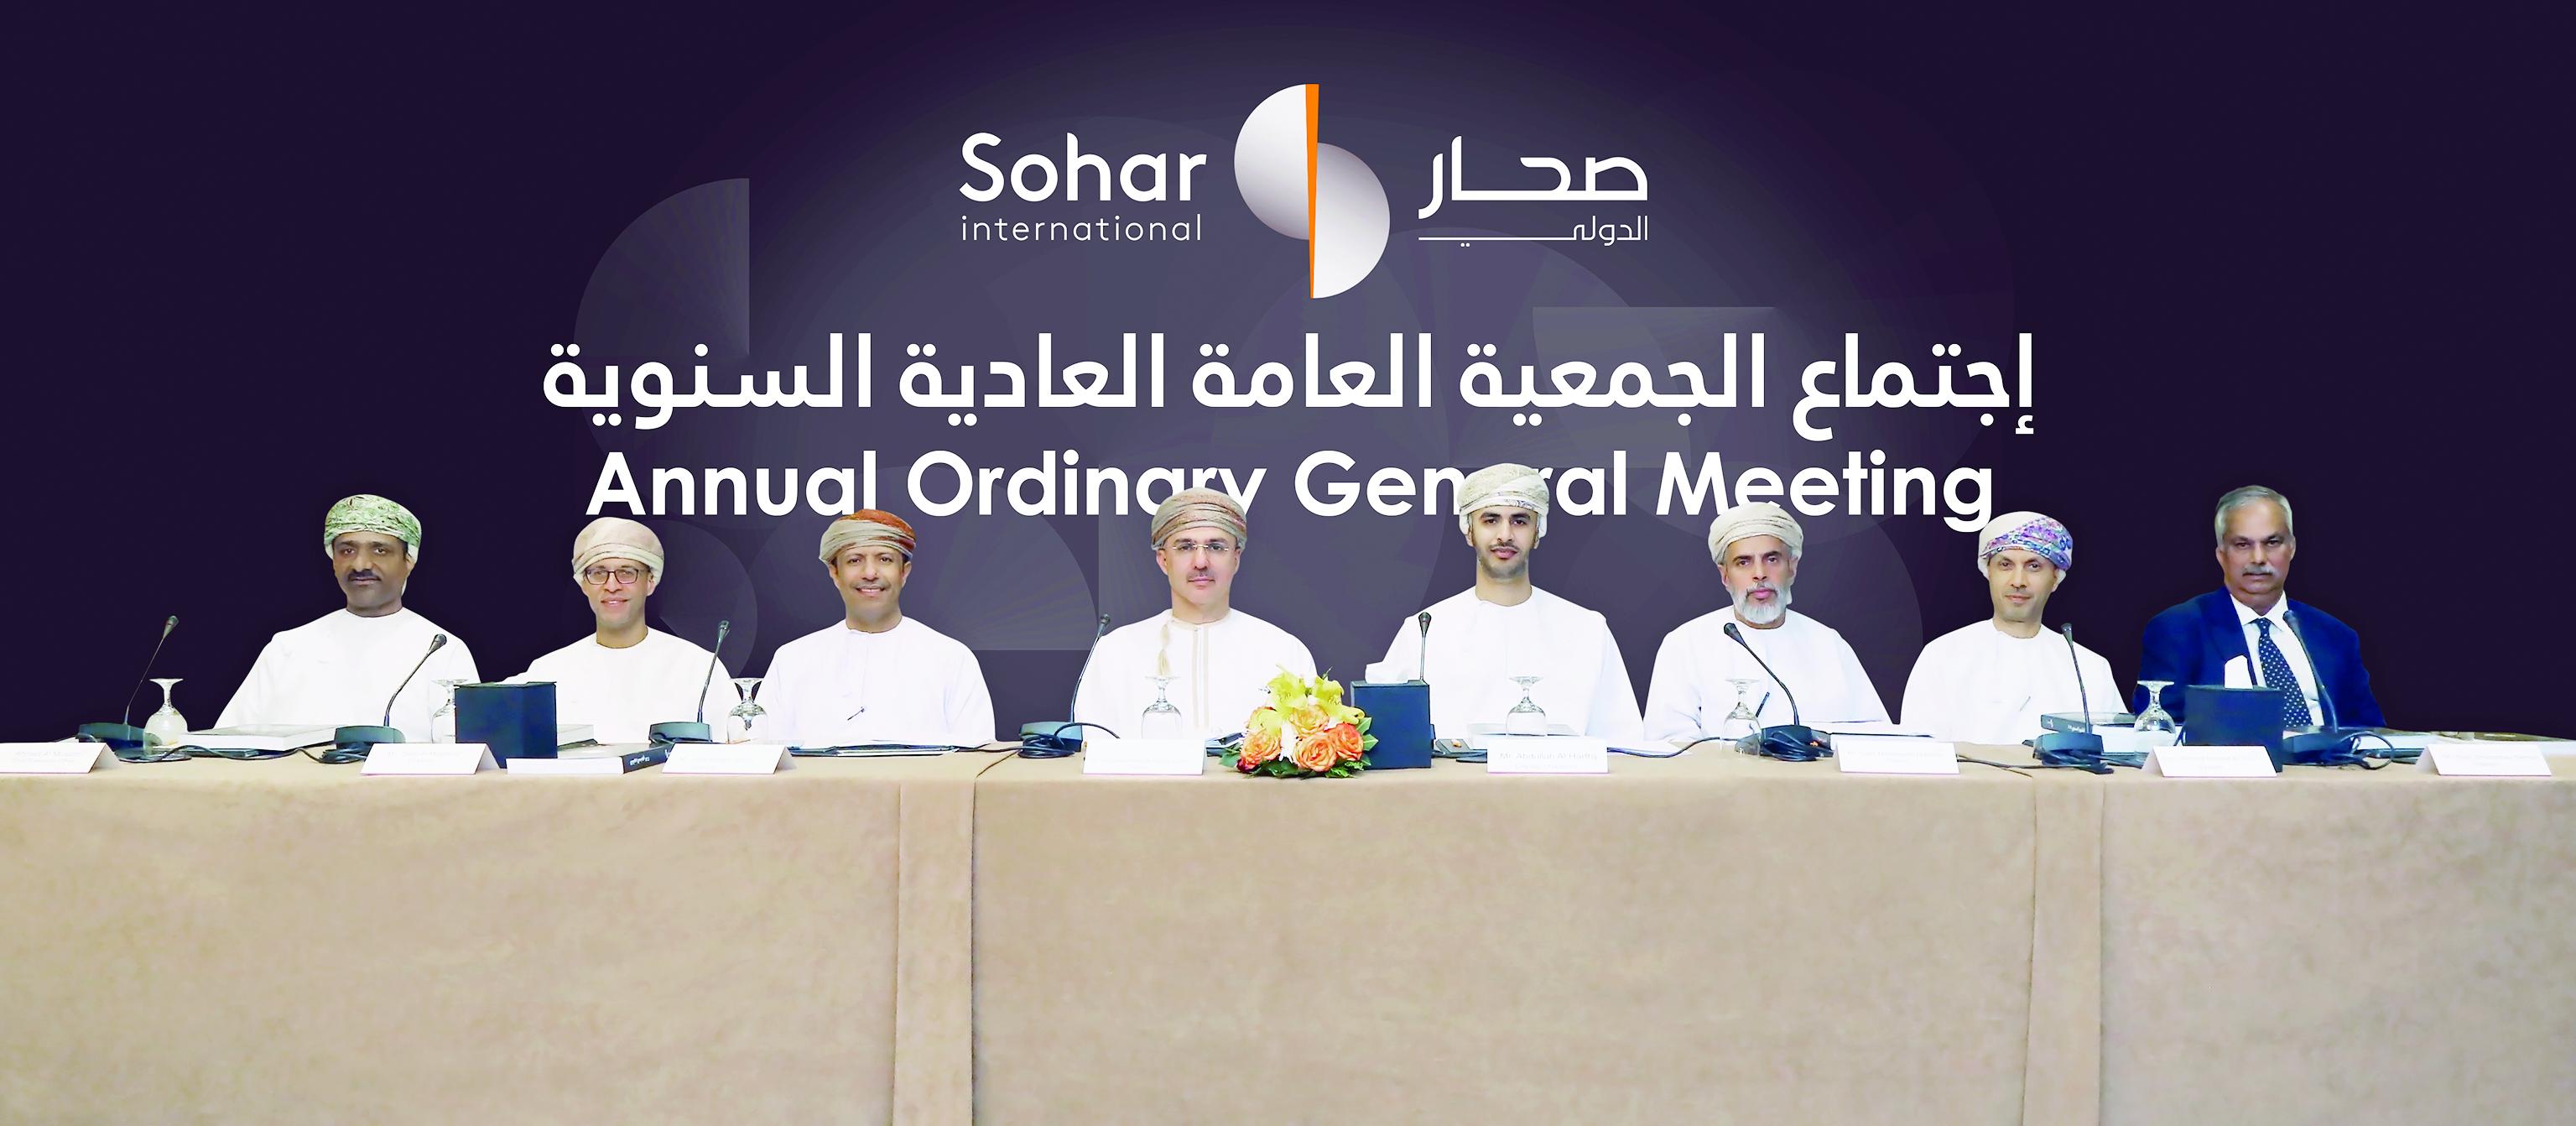 صحار الدولي يعقد اجتماع الجمعية العامة العادية السنوية